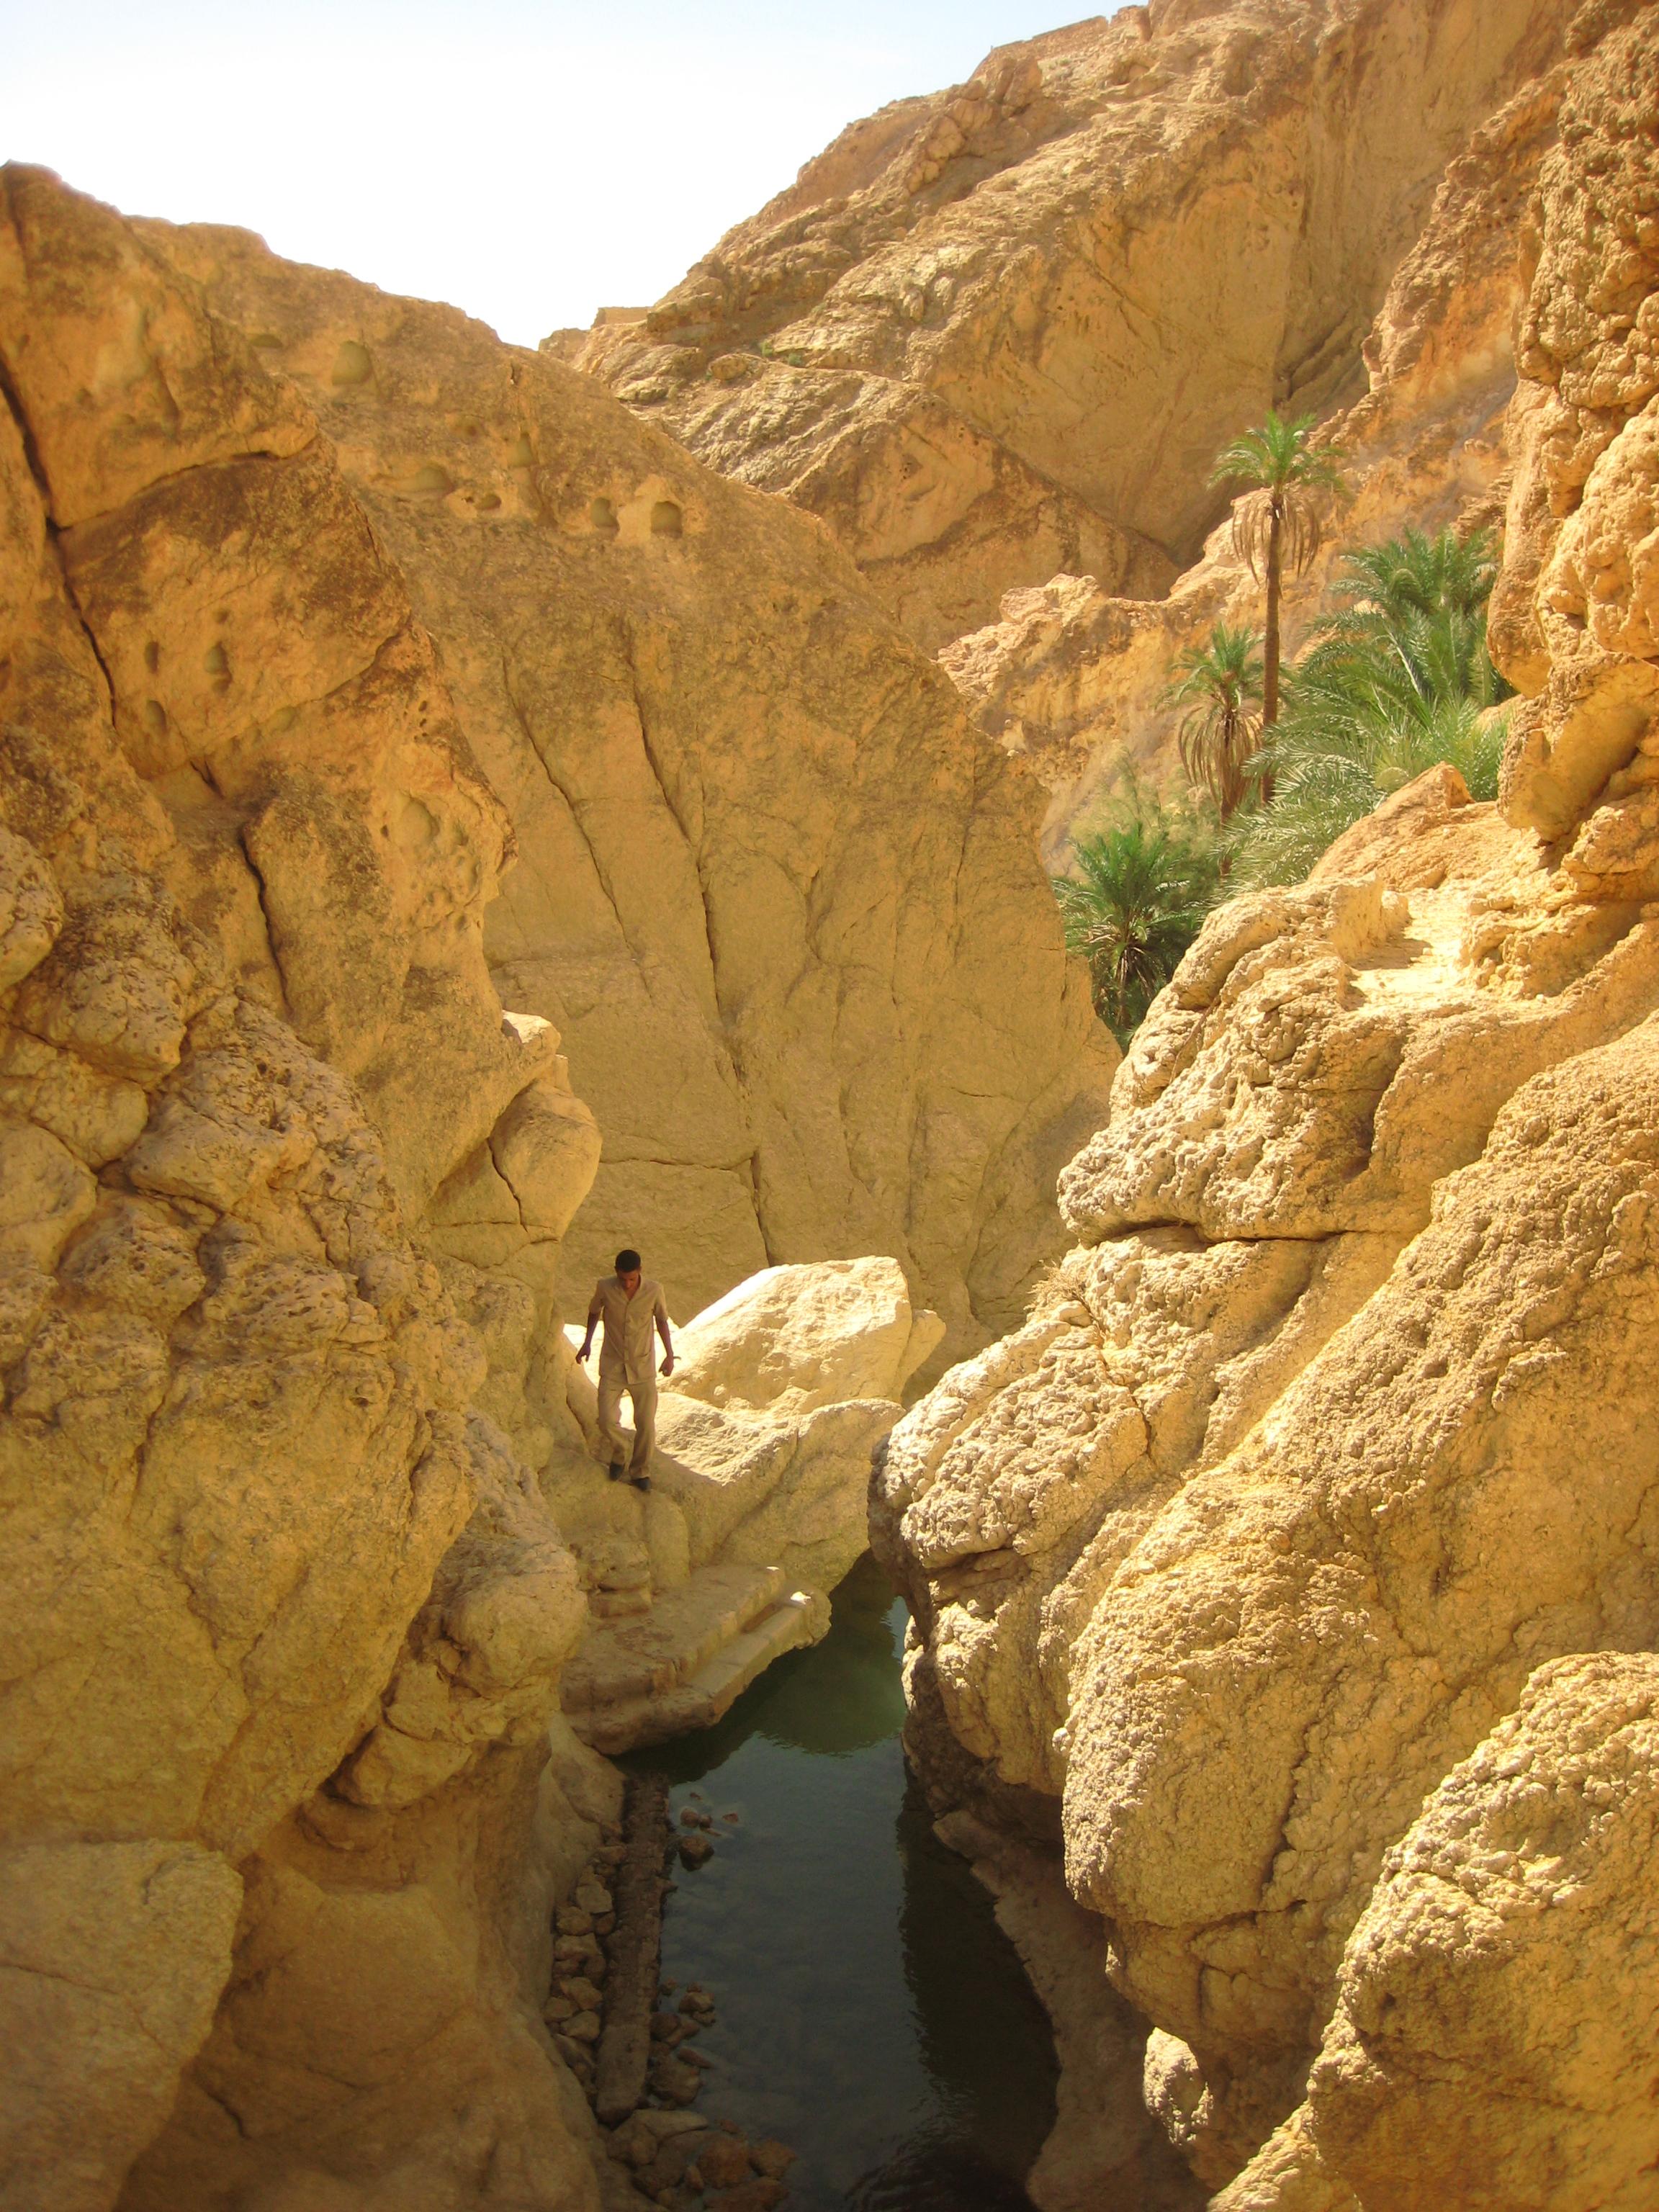 L'eau jallit de la roche